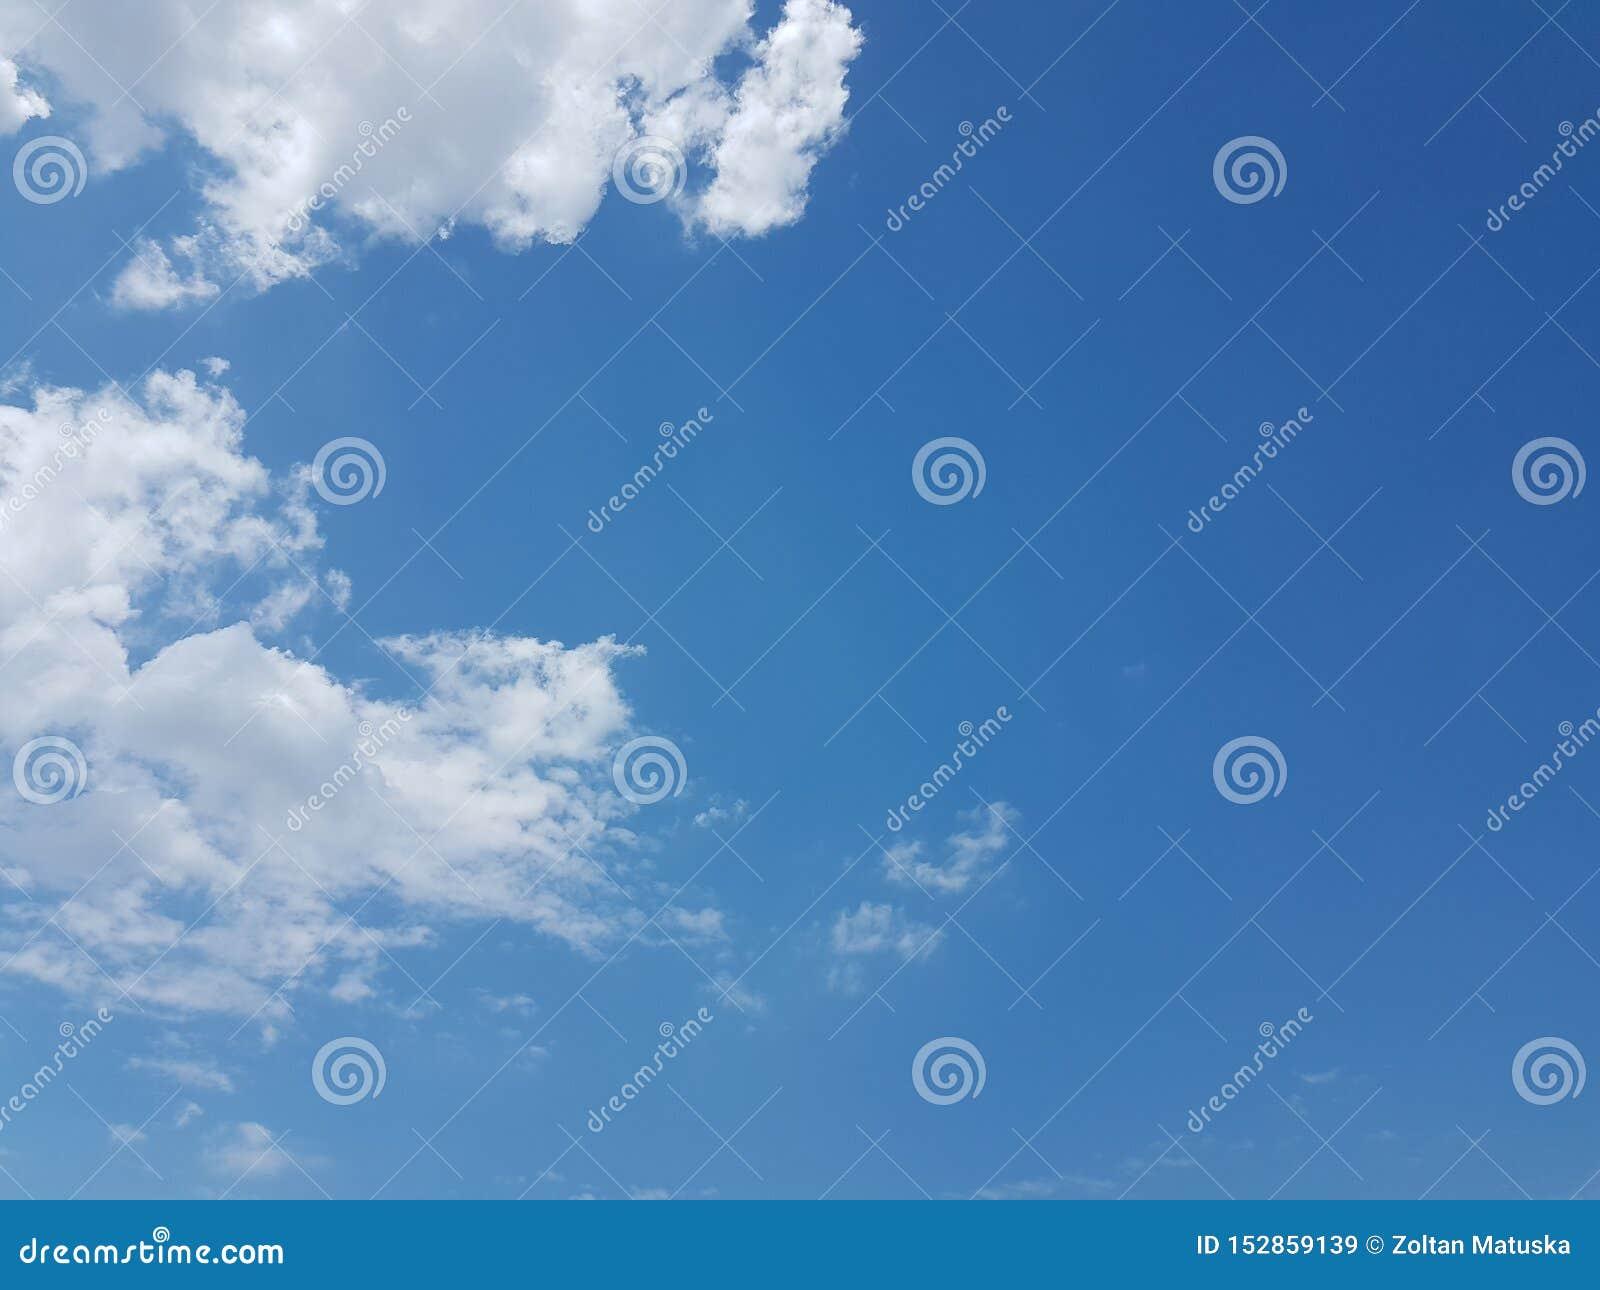 Cielo azul del cloudscape del verano con el fondo en blanco vacío natural de la atmósfera nublada de las nubes